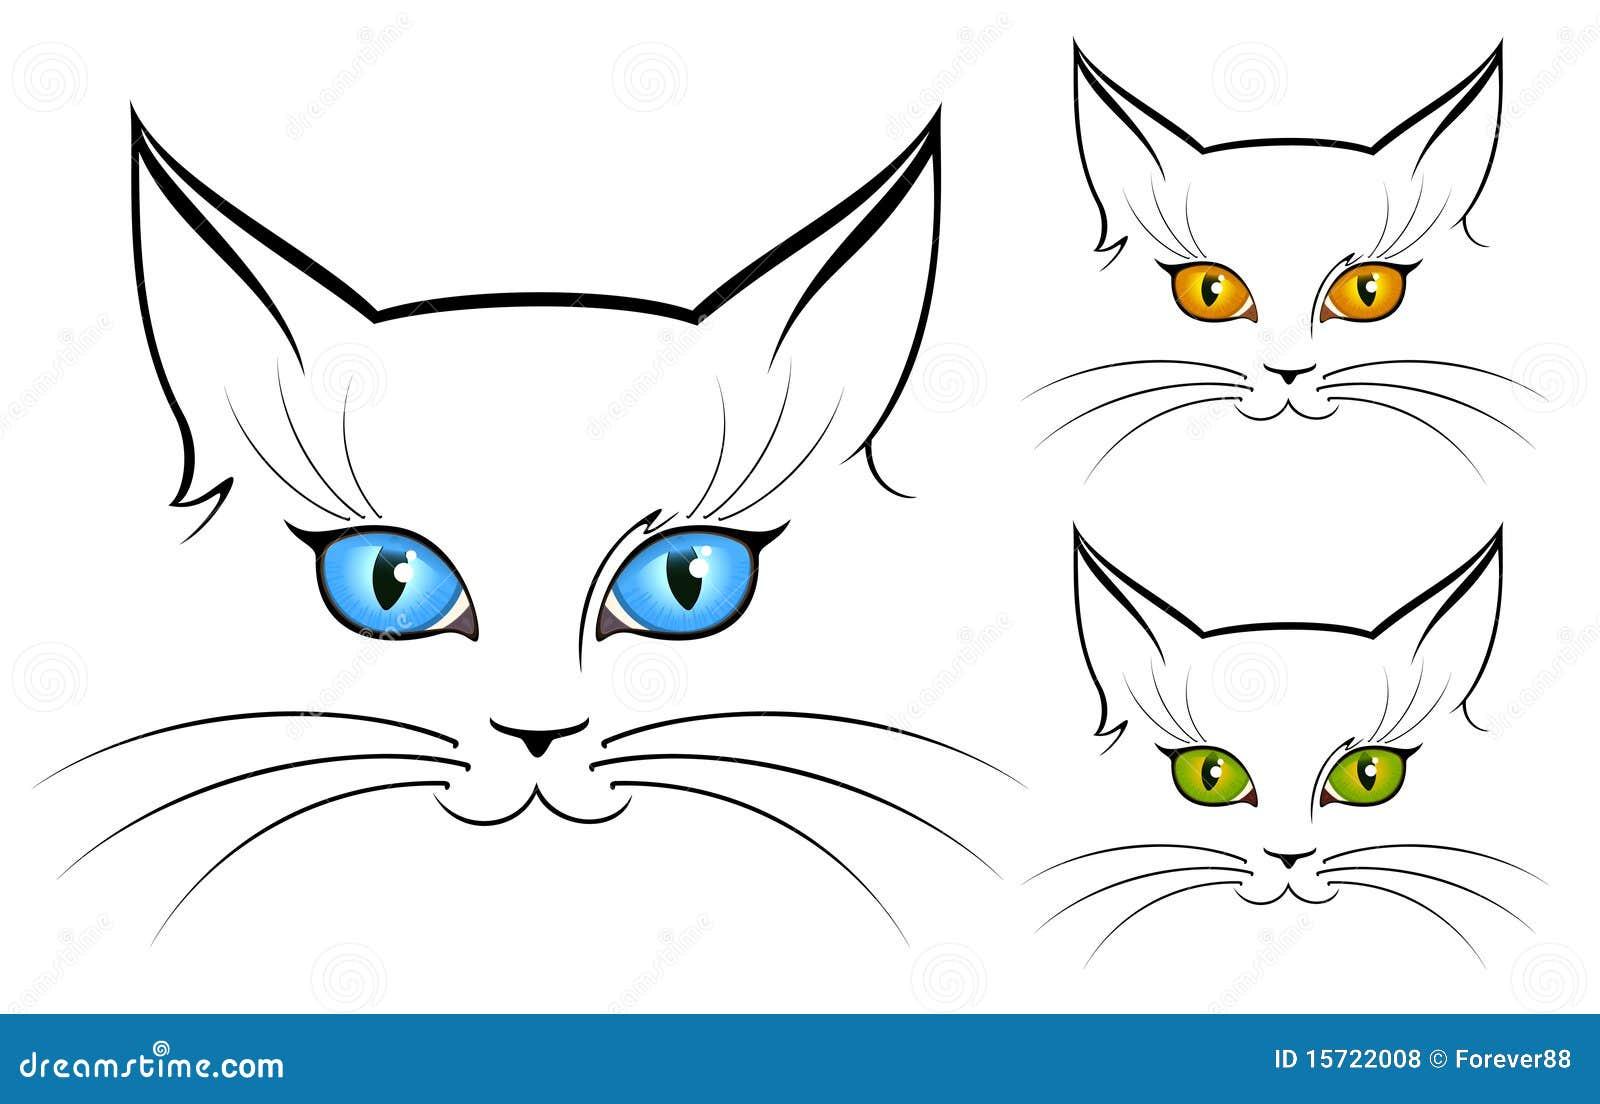 Immagine degli occhi di gatto fotografie stock libere da for Disegno gatto facile